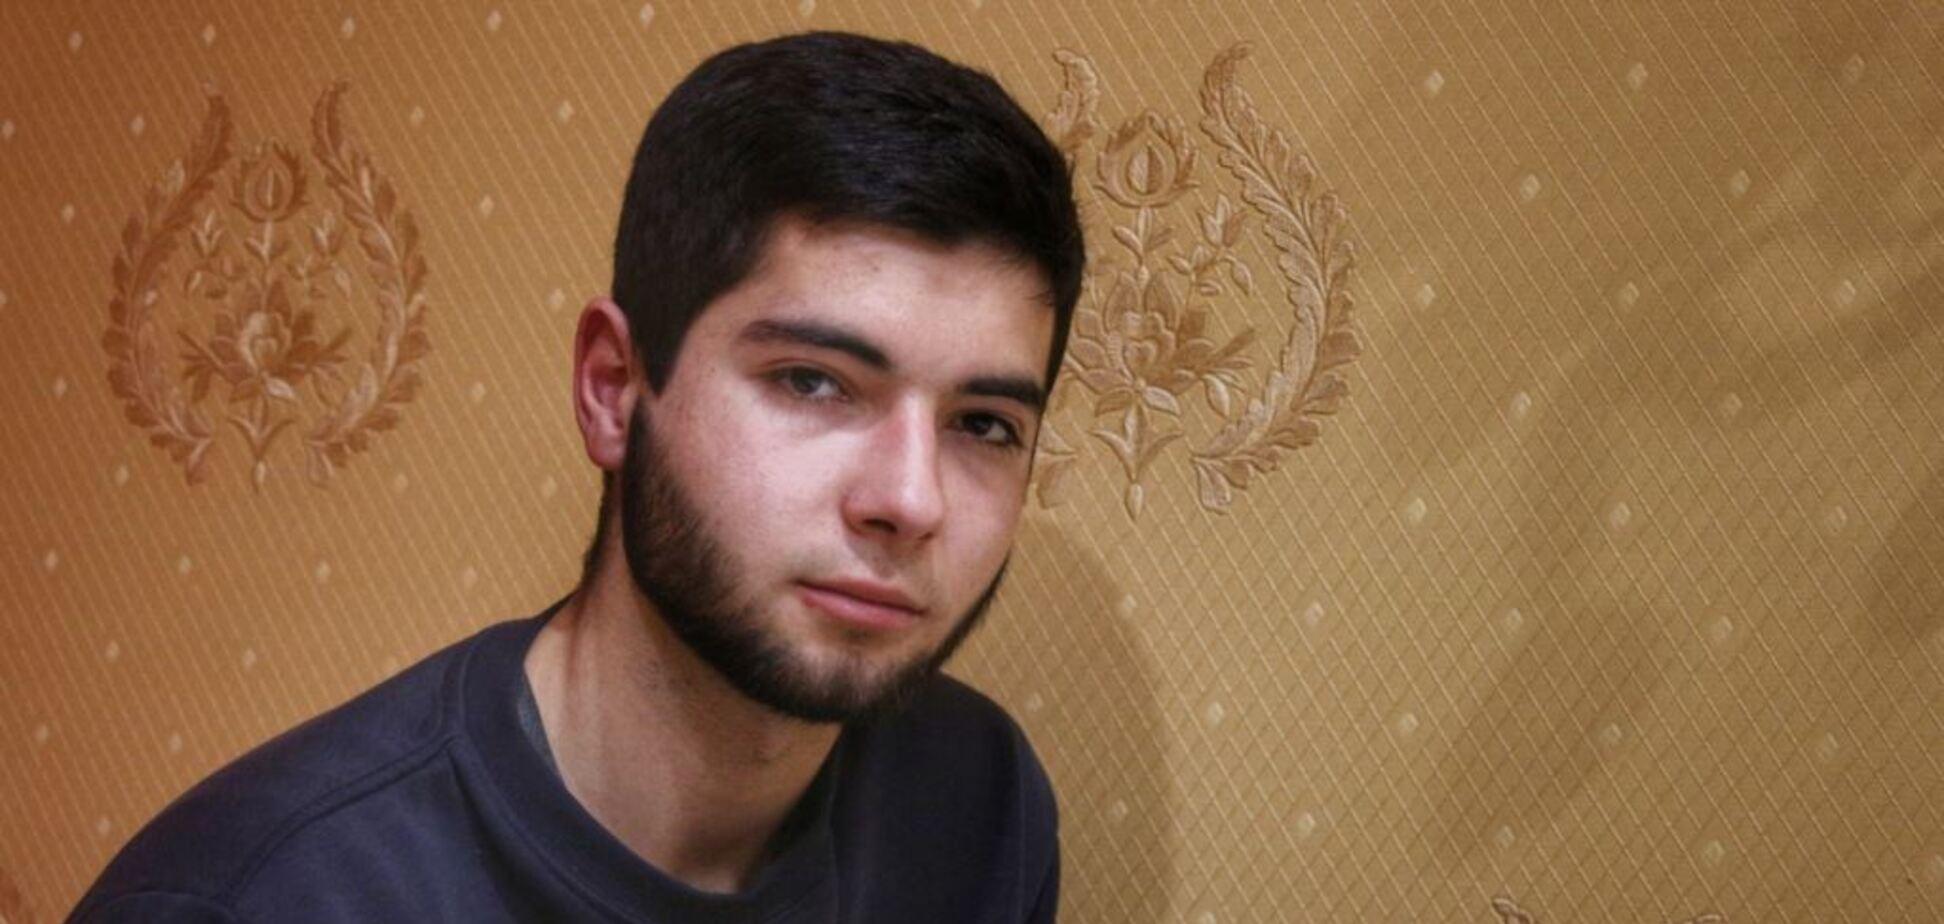 Электрошокером в пах: 17-летний крымчанин признался в пытках в тюрьме